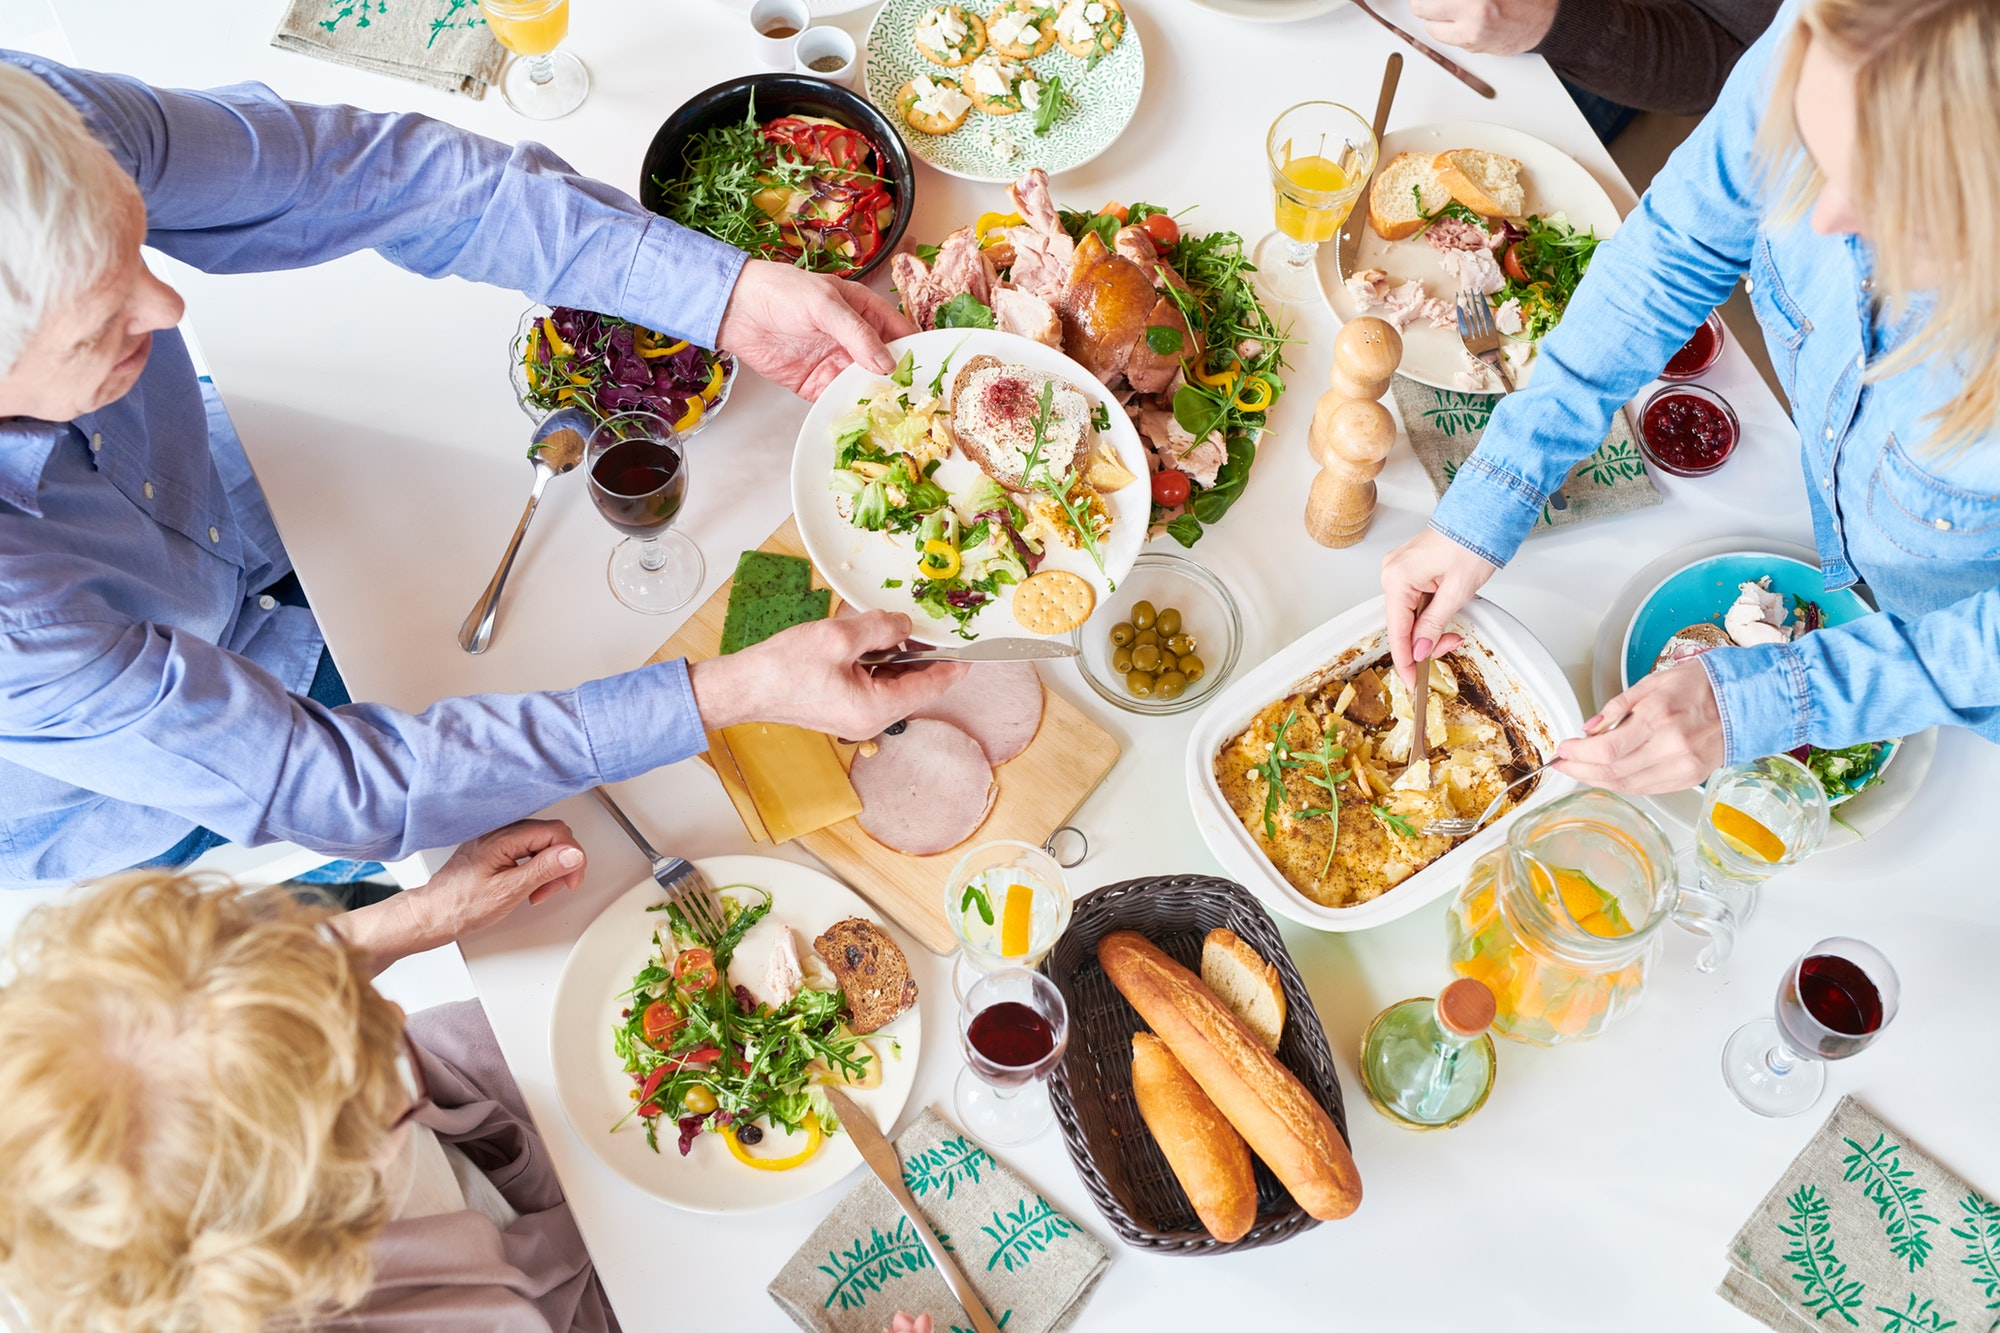 Happy Family Eating Dinner